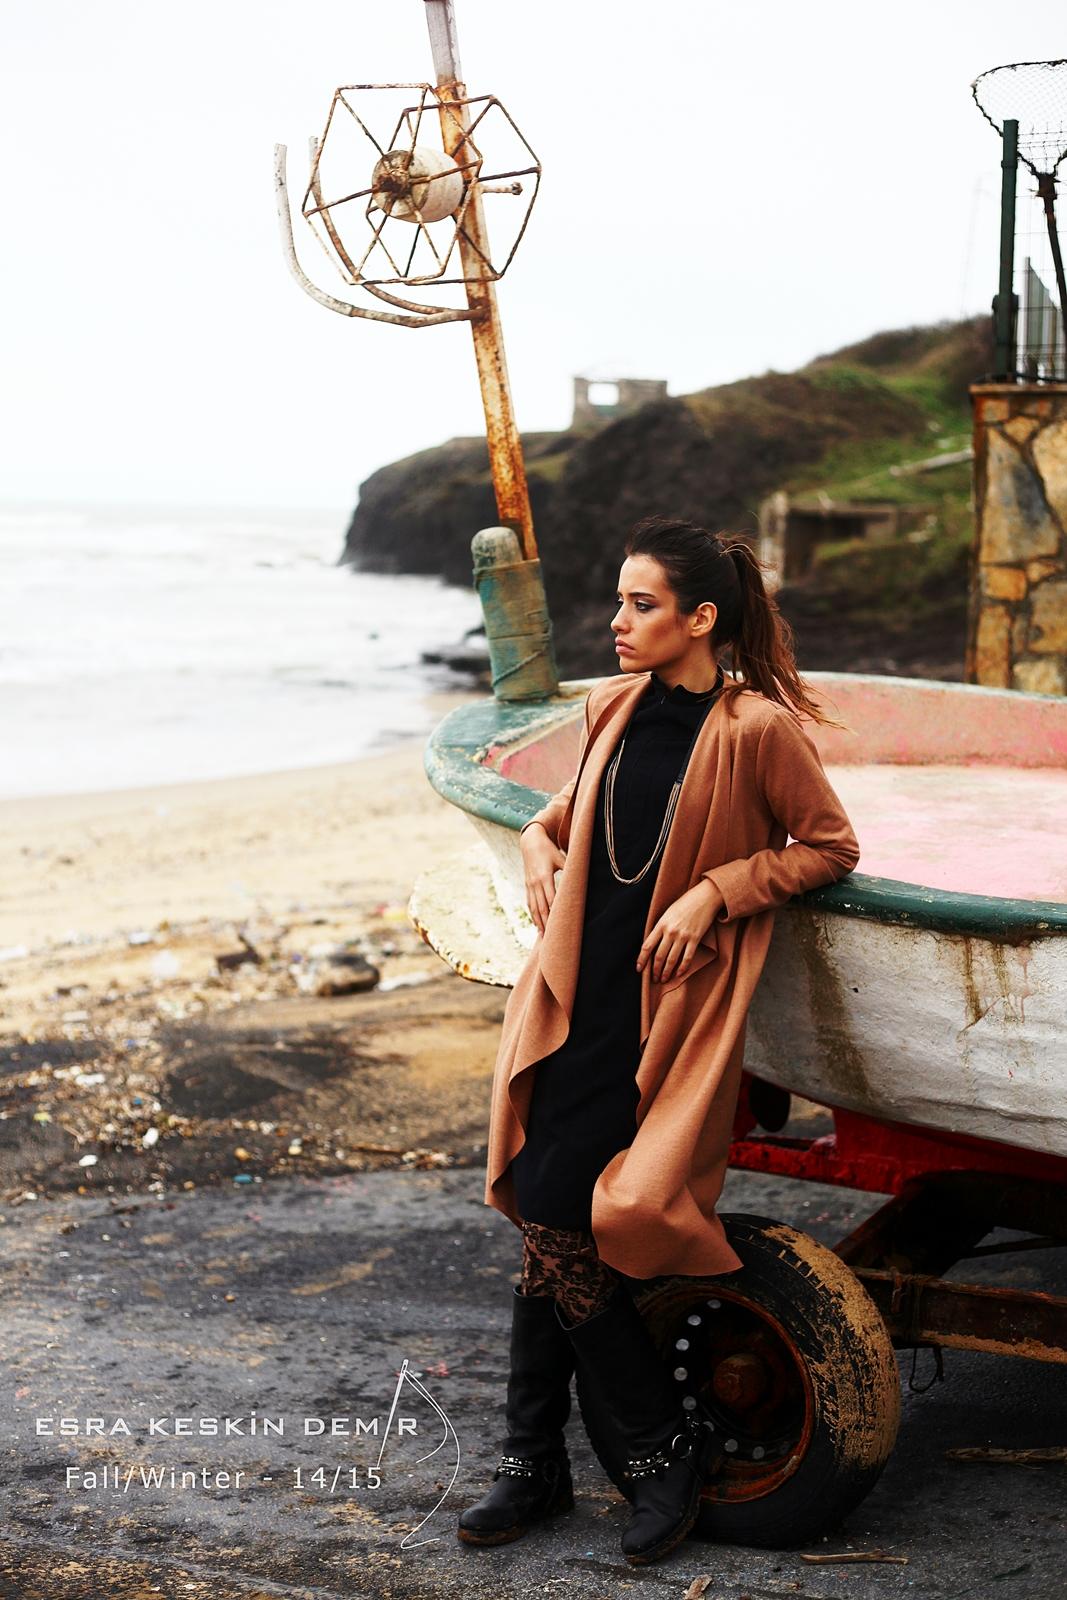 Esra Keskin Demir 2014/15 Sonbahar Kış Koleksiyonu Görücüye Çıktı!